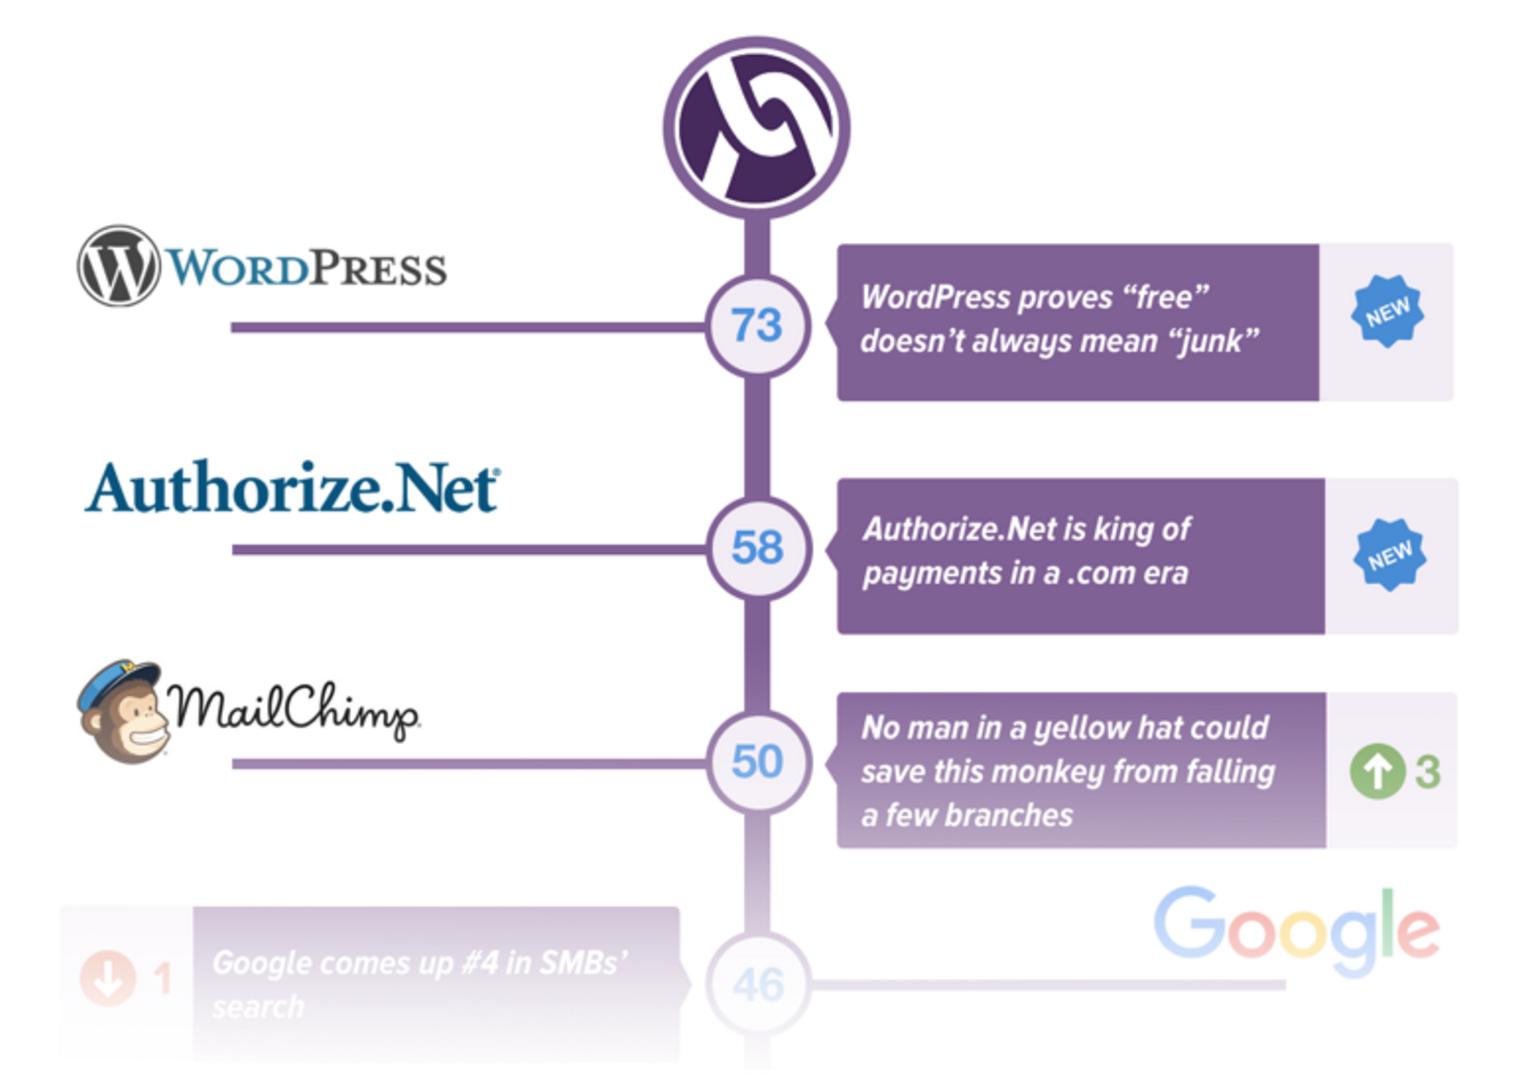 wordpress-nps-results